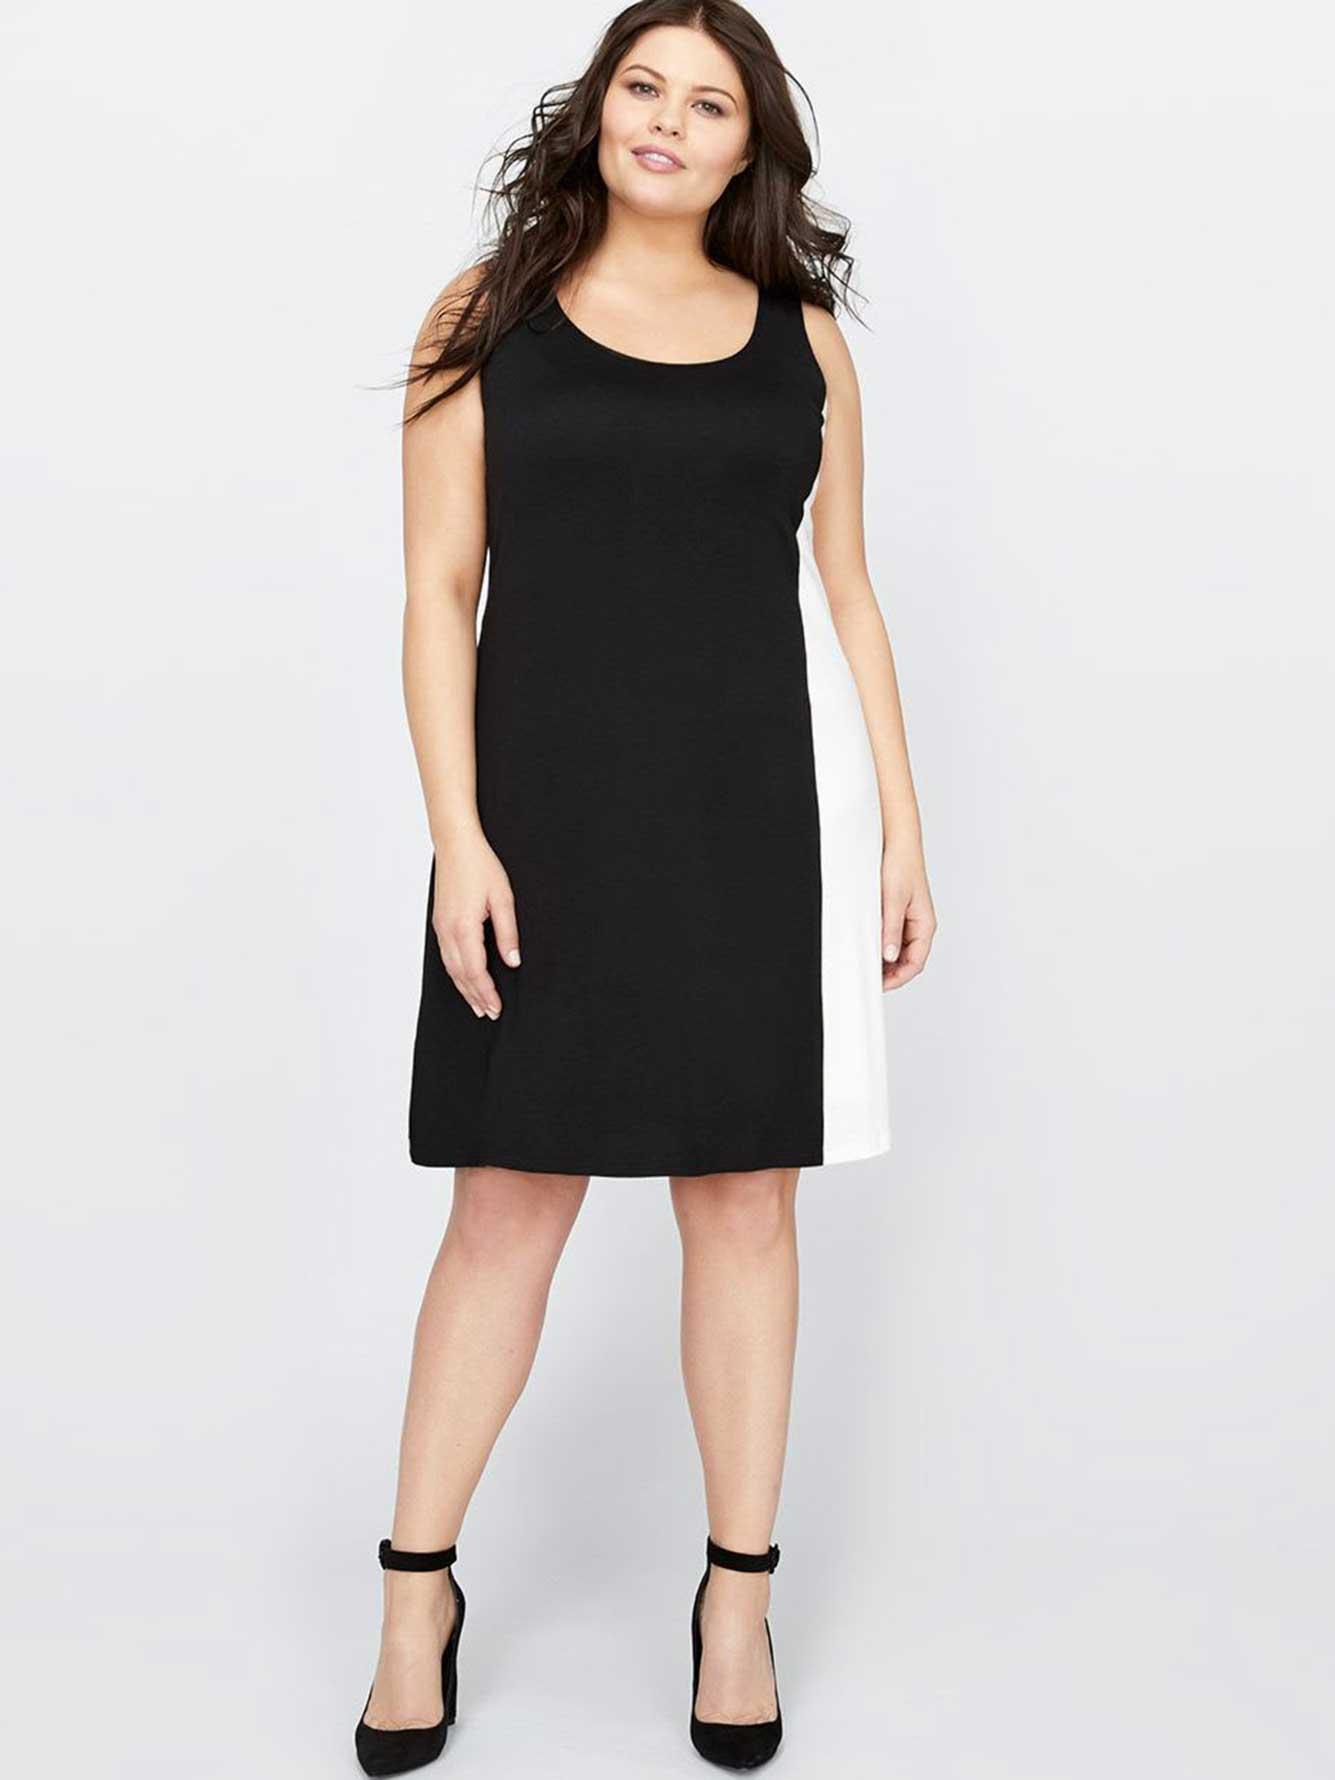 Michel Studio Black and White Colorblock Dress | Addition Elle